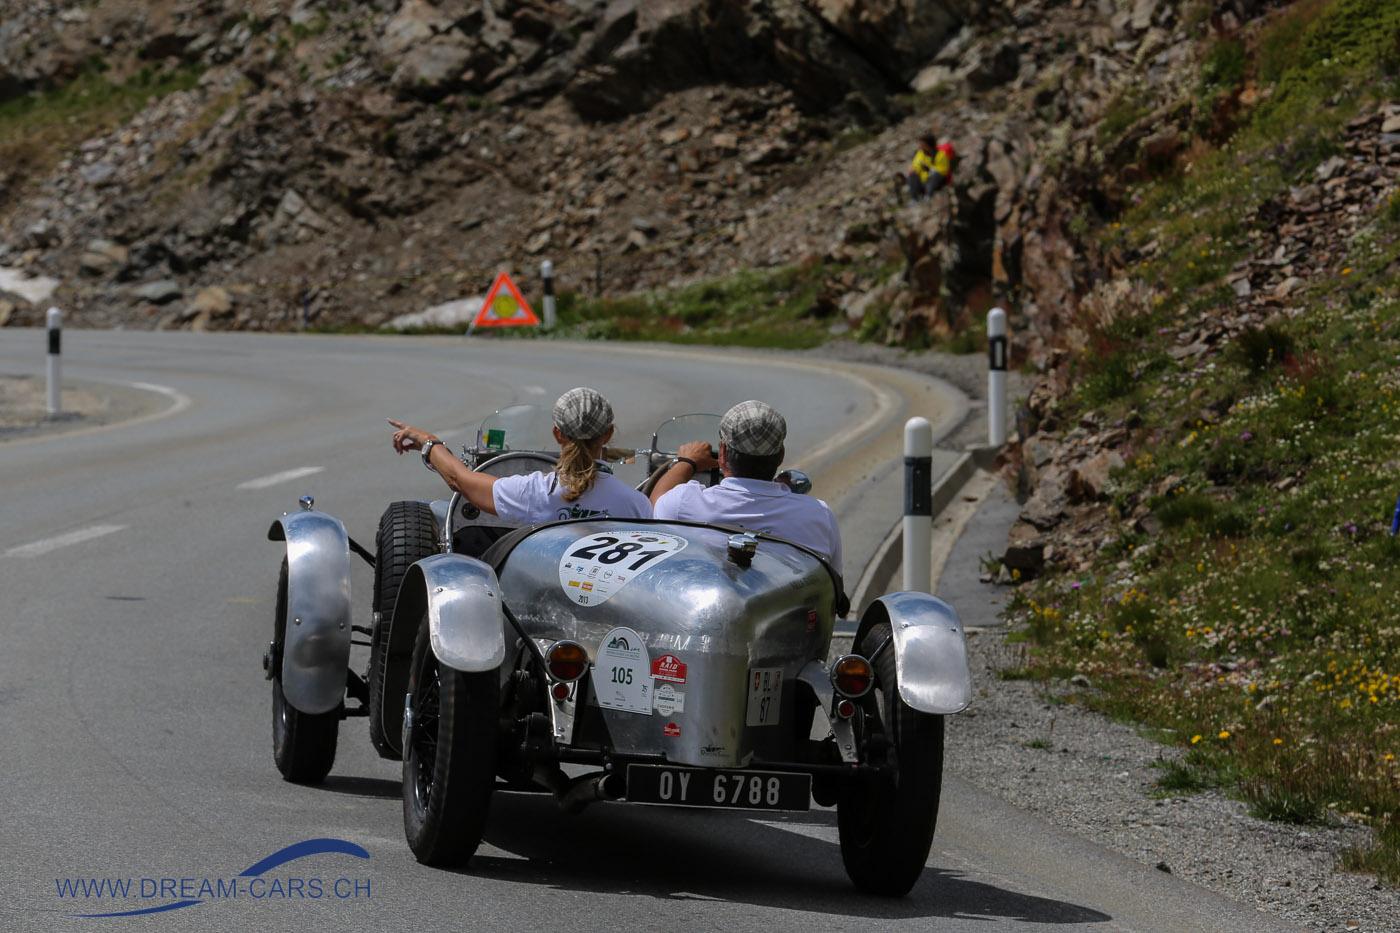 BCCM - British Classic Car Meeting St. Moritz, 5. bis 8. Juli 2018. Nic Werder auf der Suche nach einem Parkplatz kurz vor der Bernina-Passhöhe